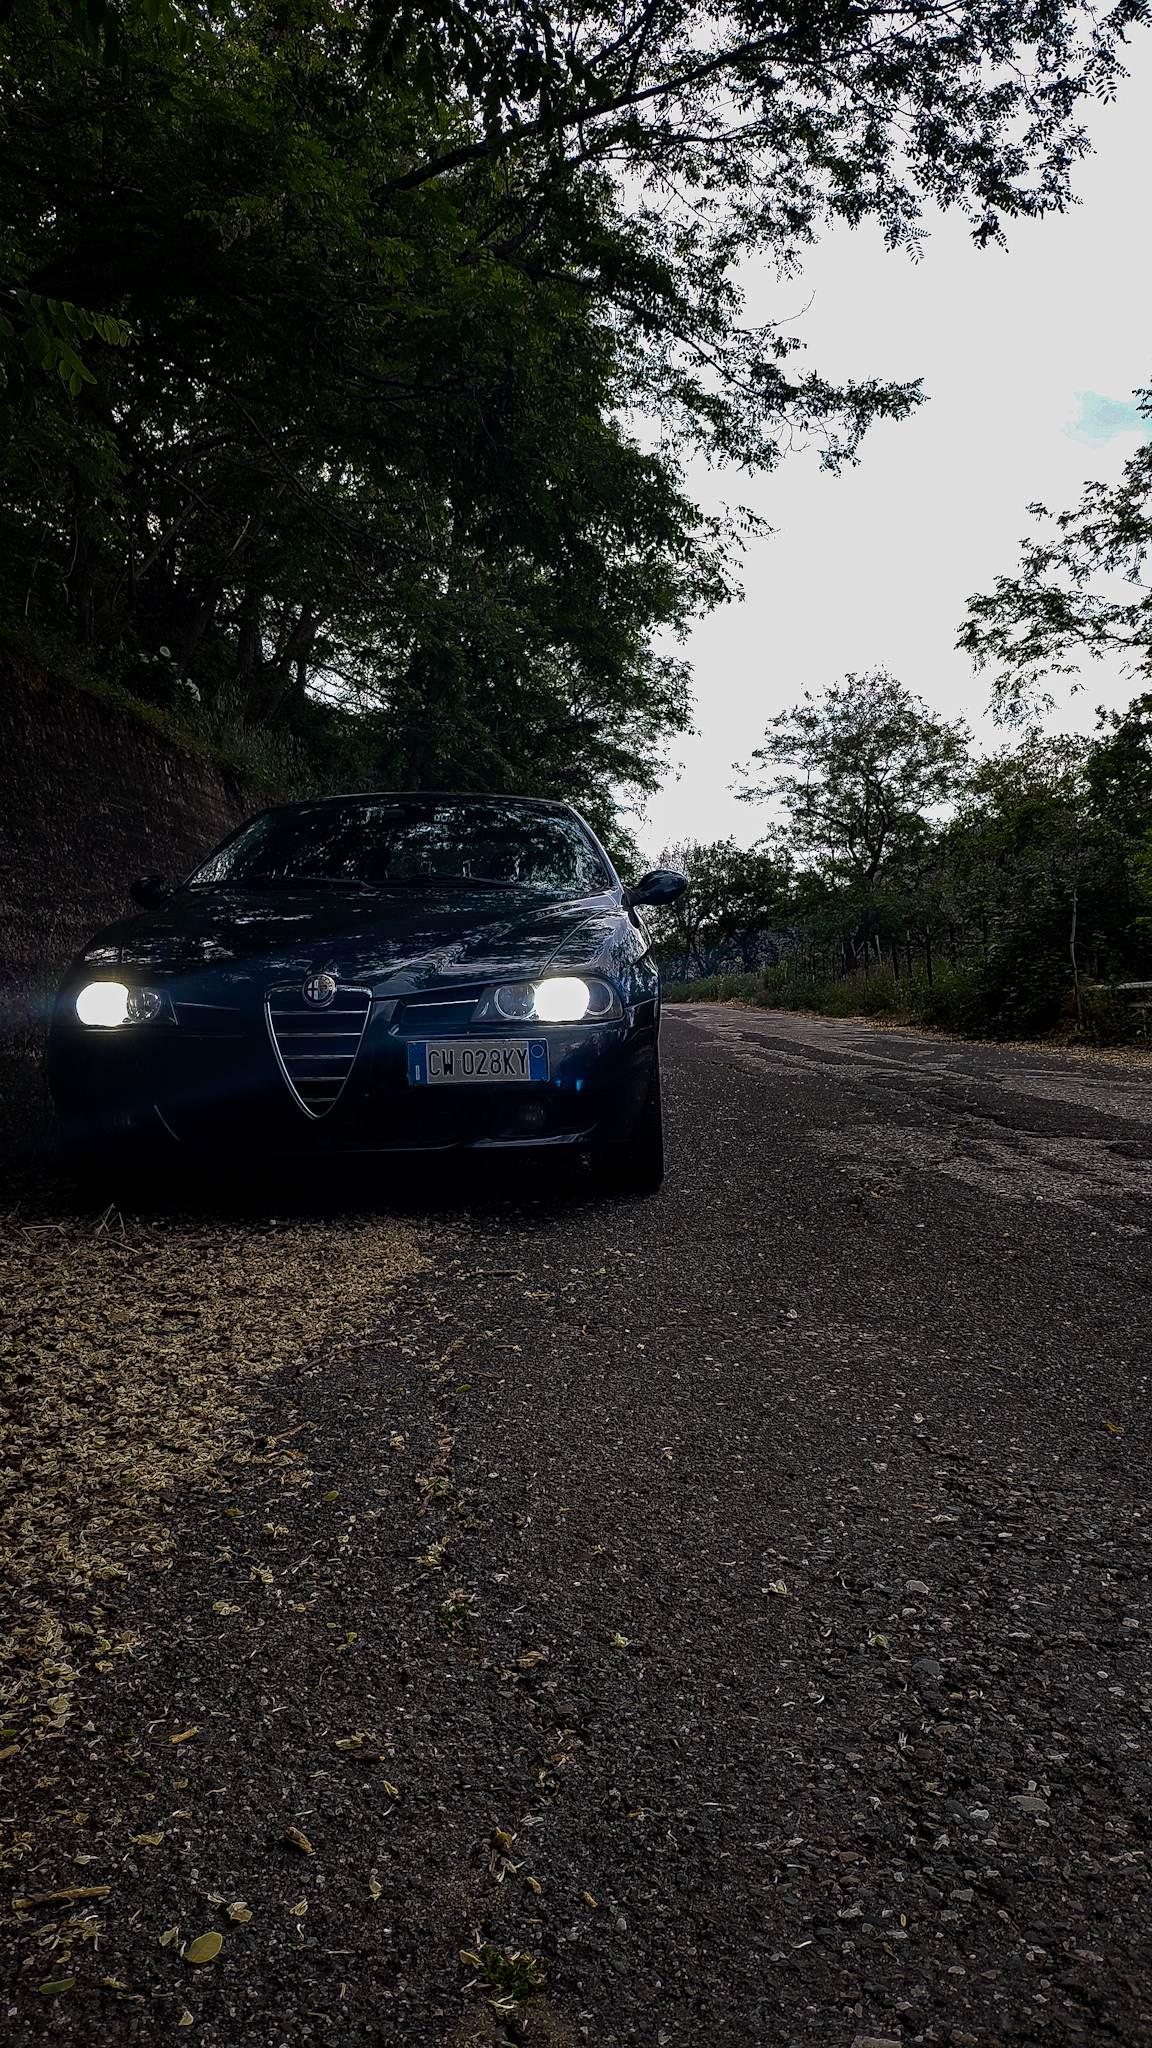 foto Alfa Romeo 156 - 1.9 JTD-m 140cv - Progression - Blu Capri - 2005 - CT - 5